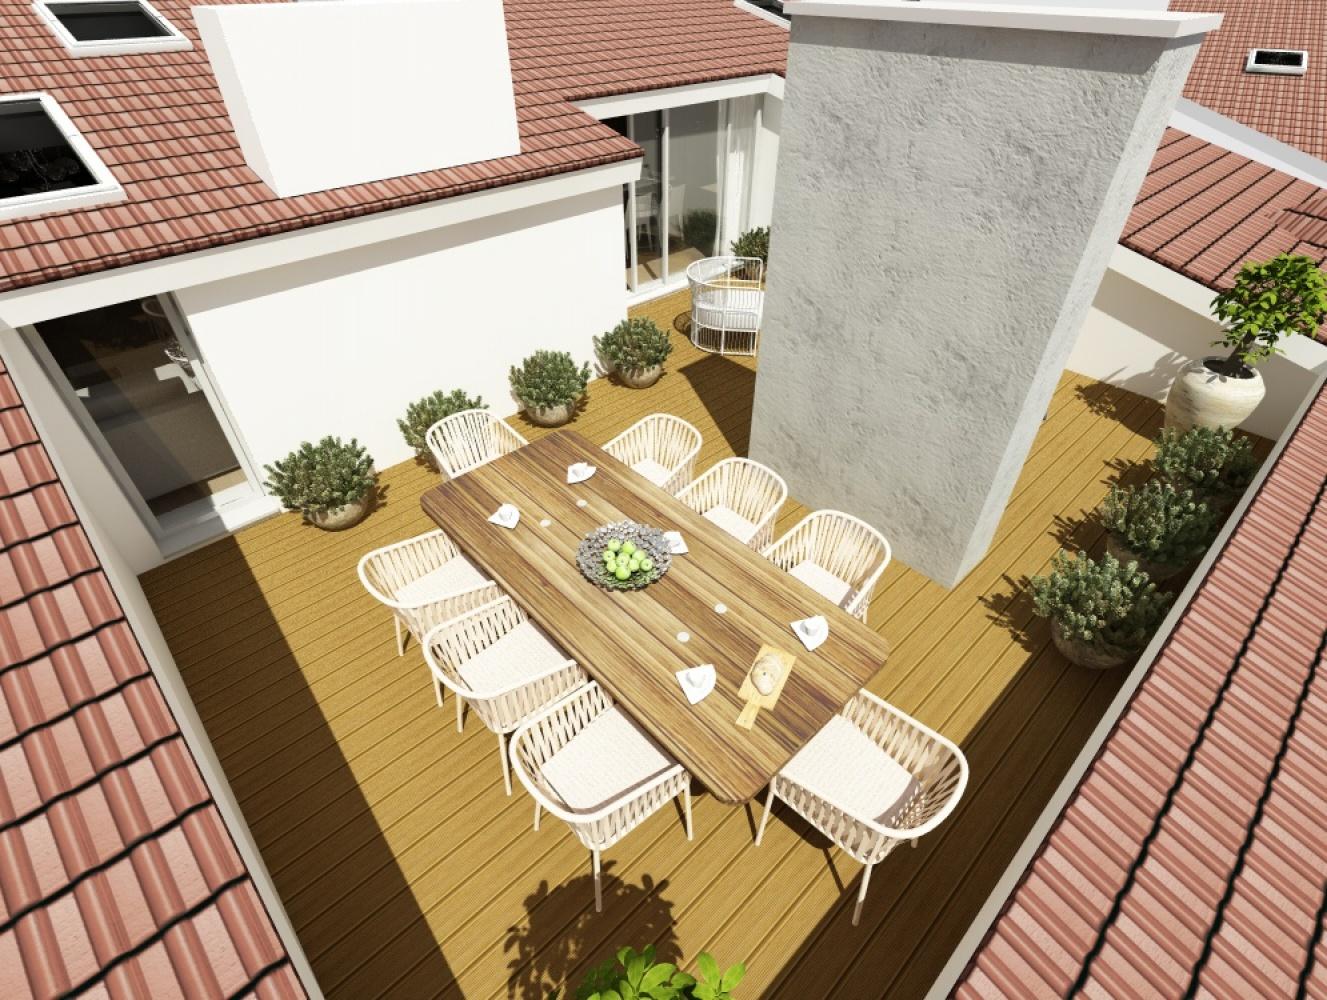 Půdní byt 4+kk, plocha 196 m², ulice Srbská, Praha 6 - Dejvice | 1